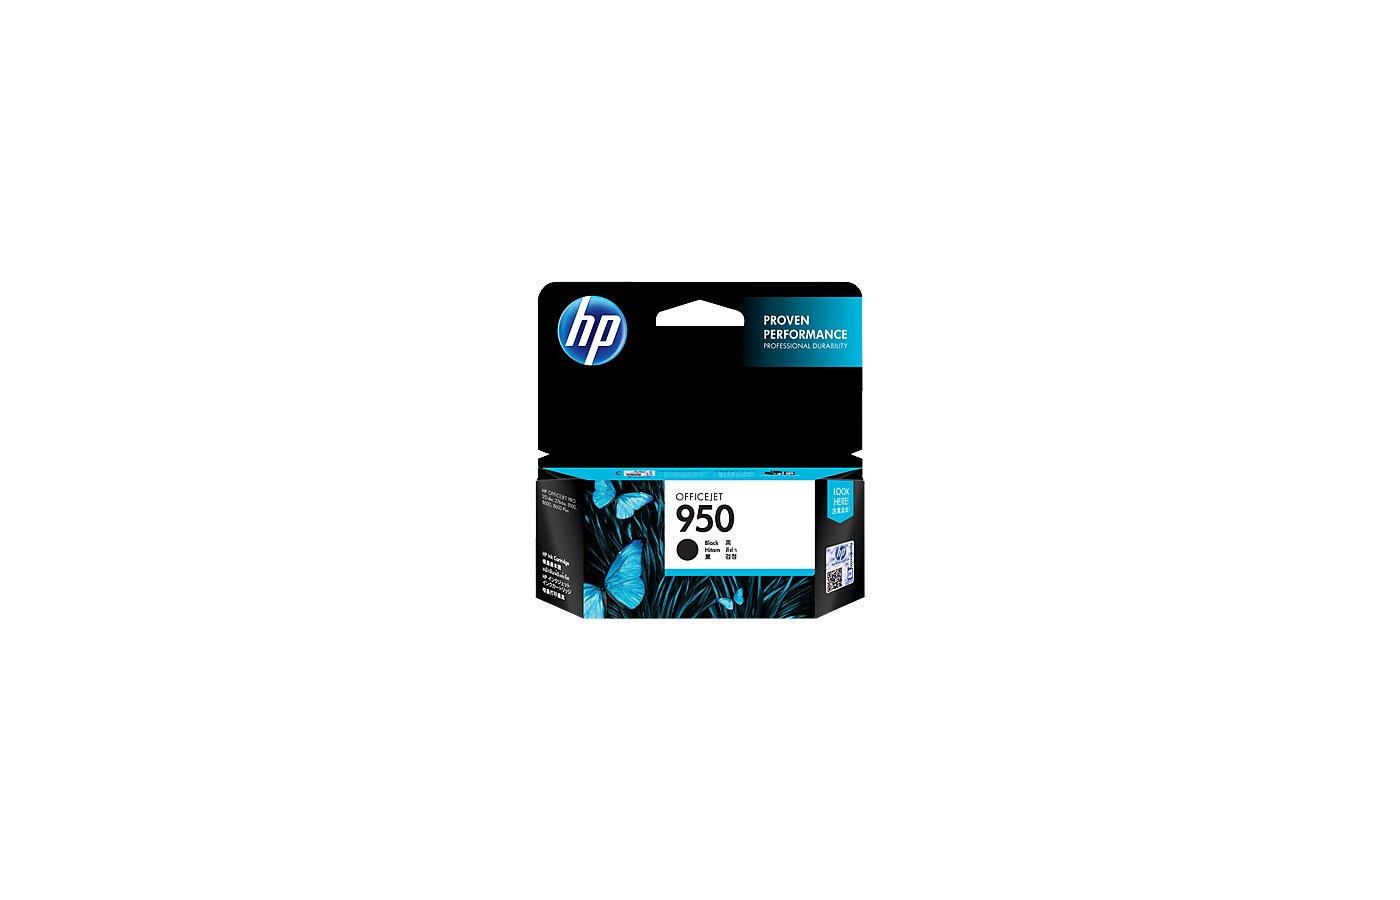 Картридж струйный HP 950 CN049AE черный для Officejet Pro 8100/8600 (1000стр.)